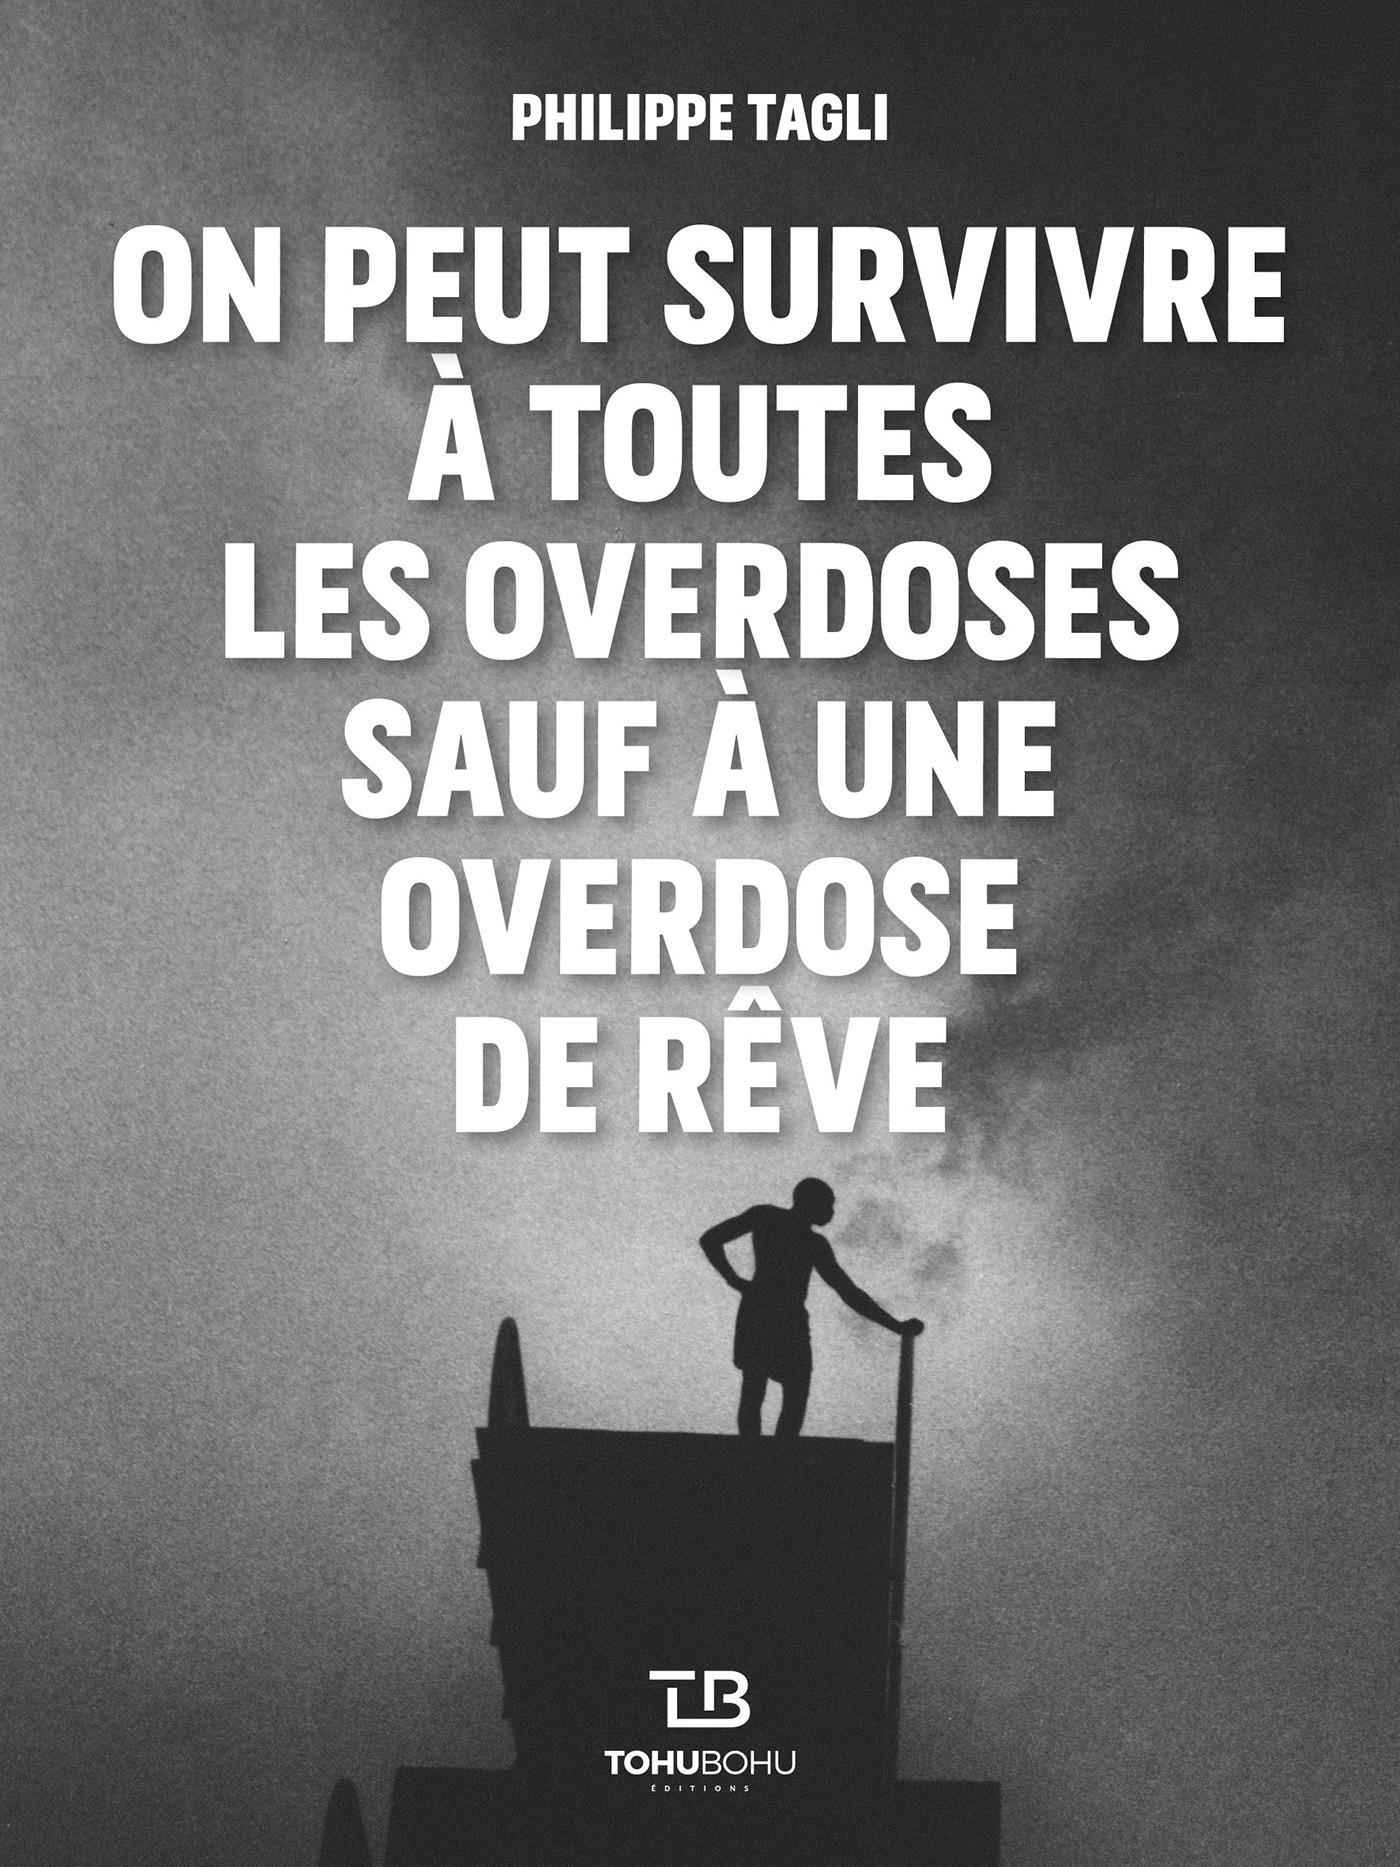 On peut survivre a toutes les overdoses sauf à une overdose de rêve